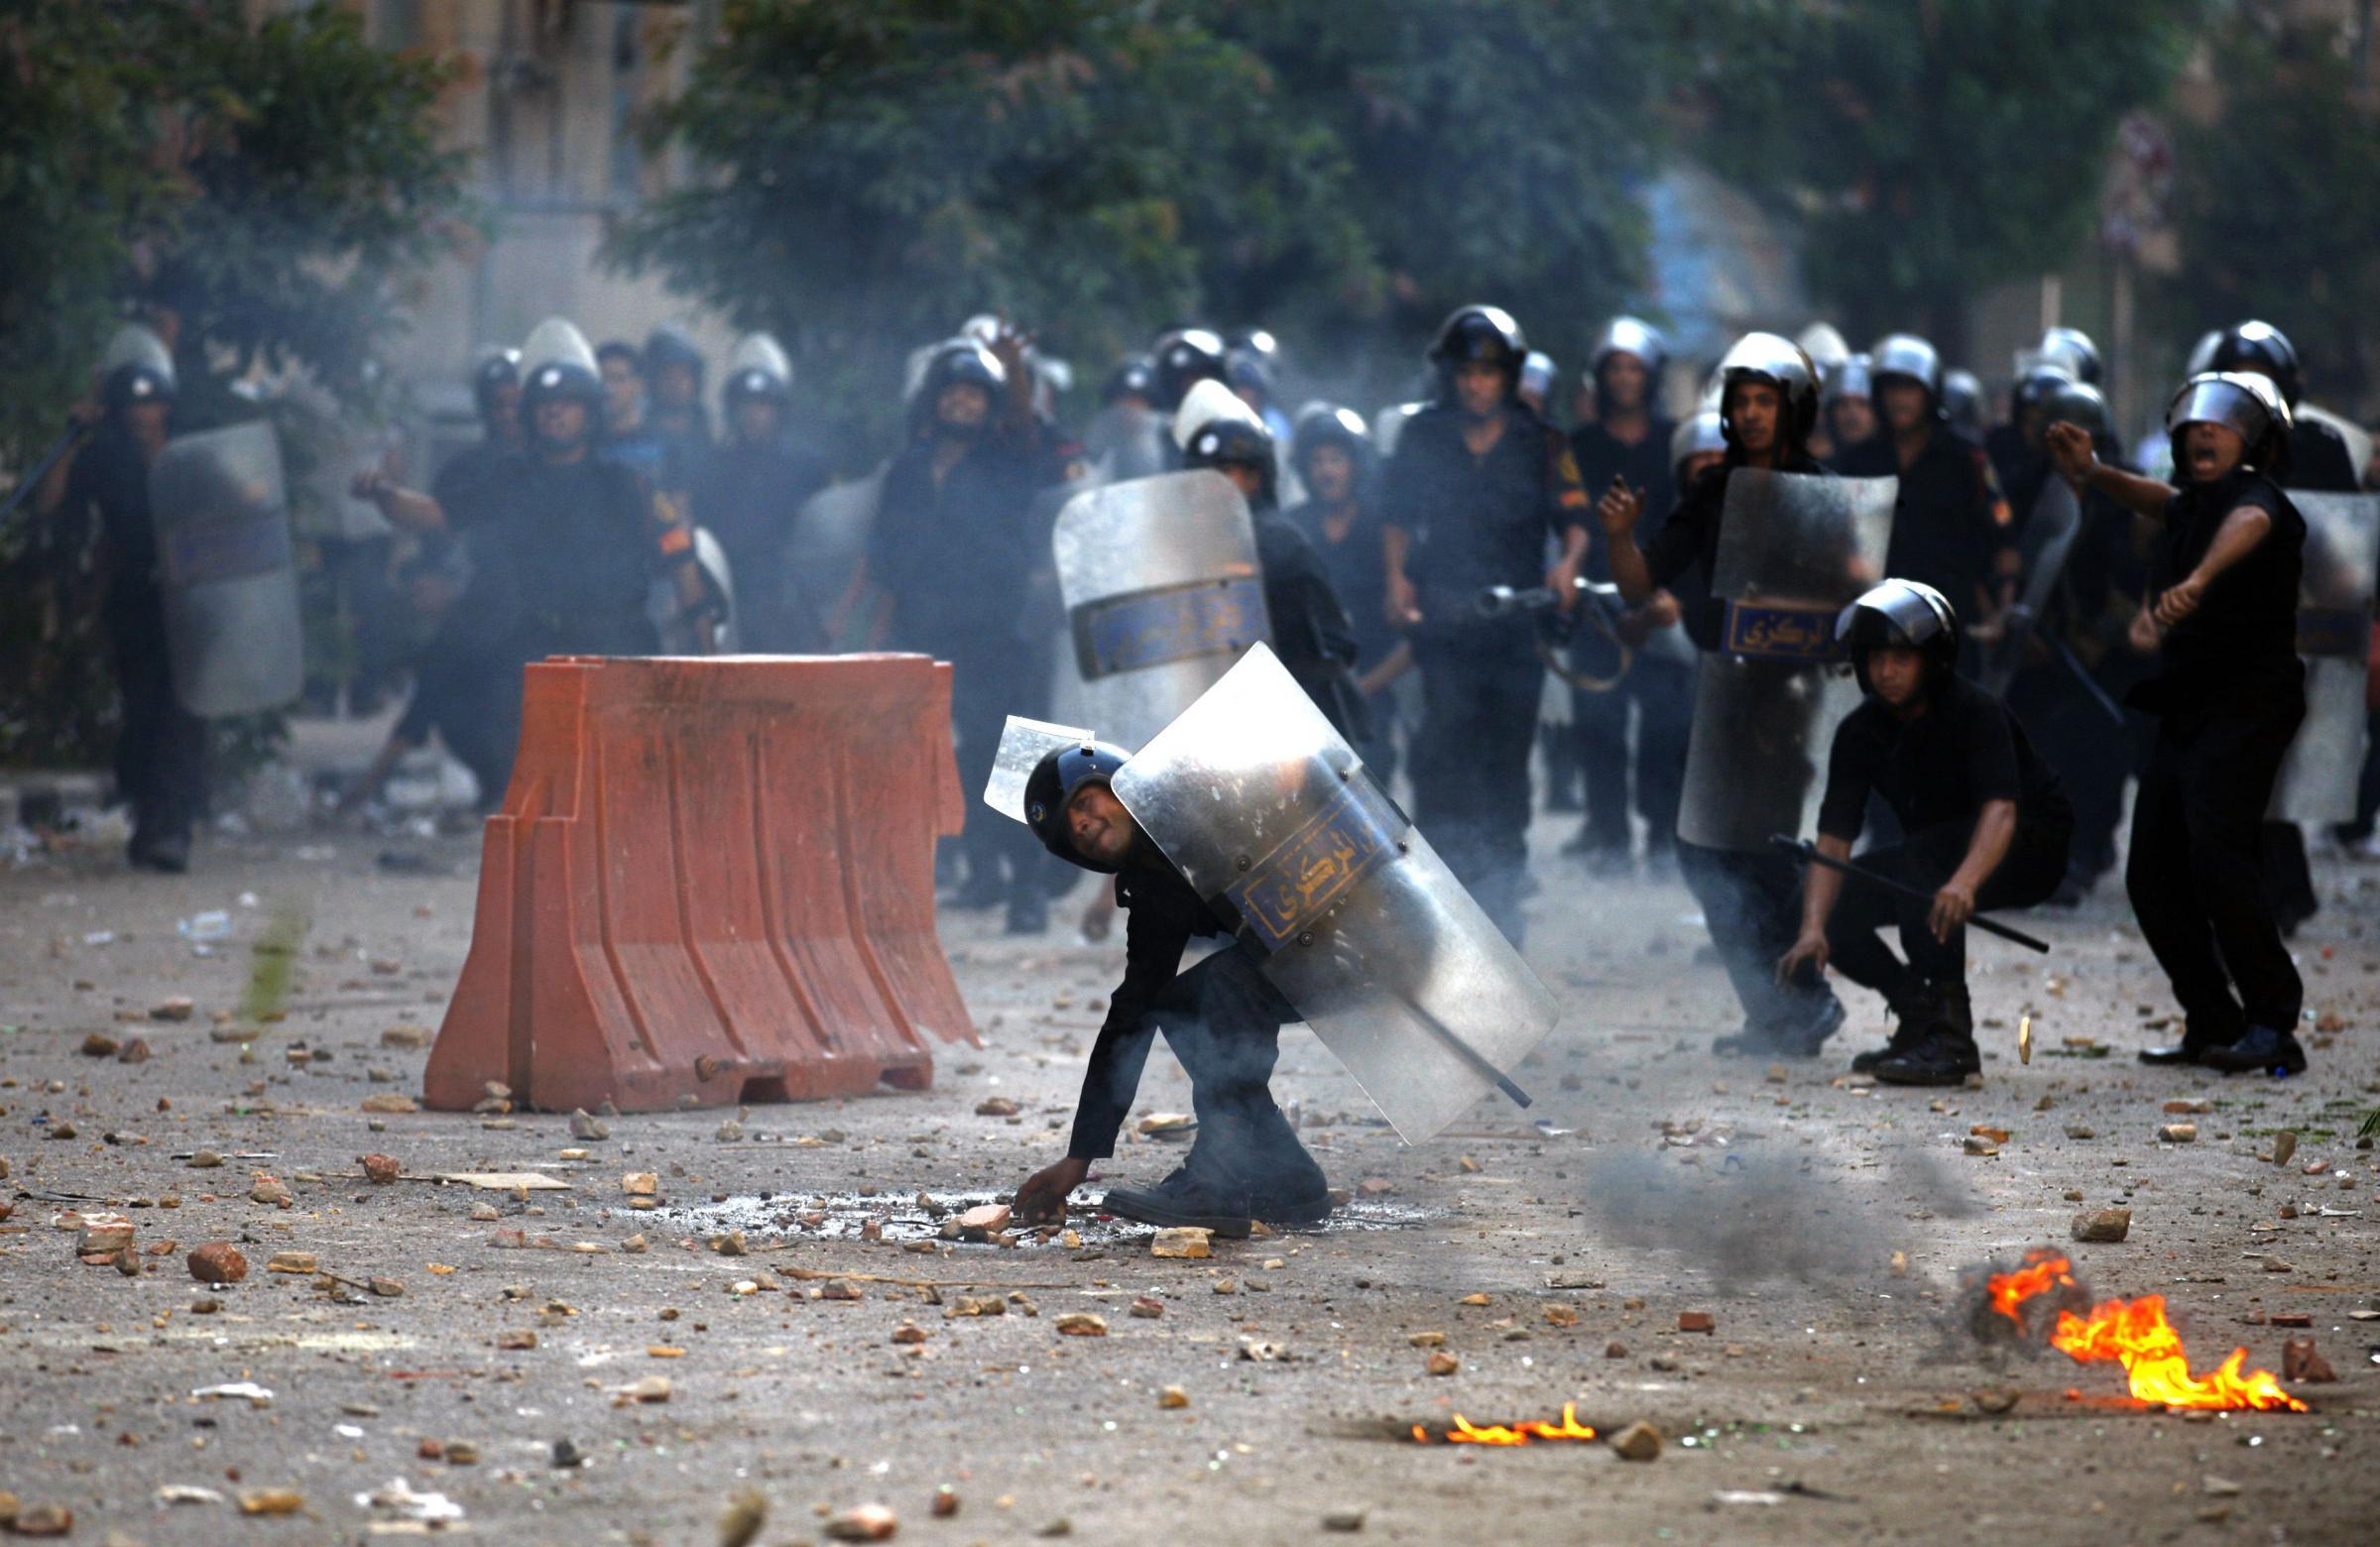 Egitto, notte di sangue al Cairo. I militari sparano sulla folla, 3 morti